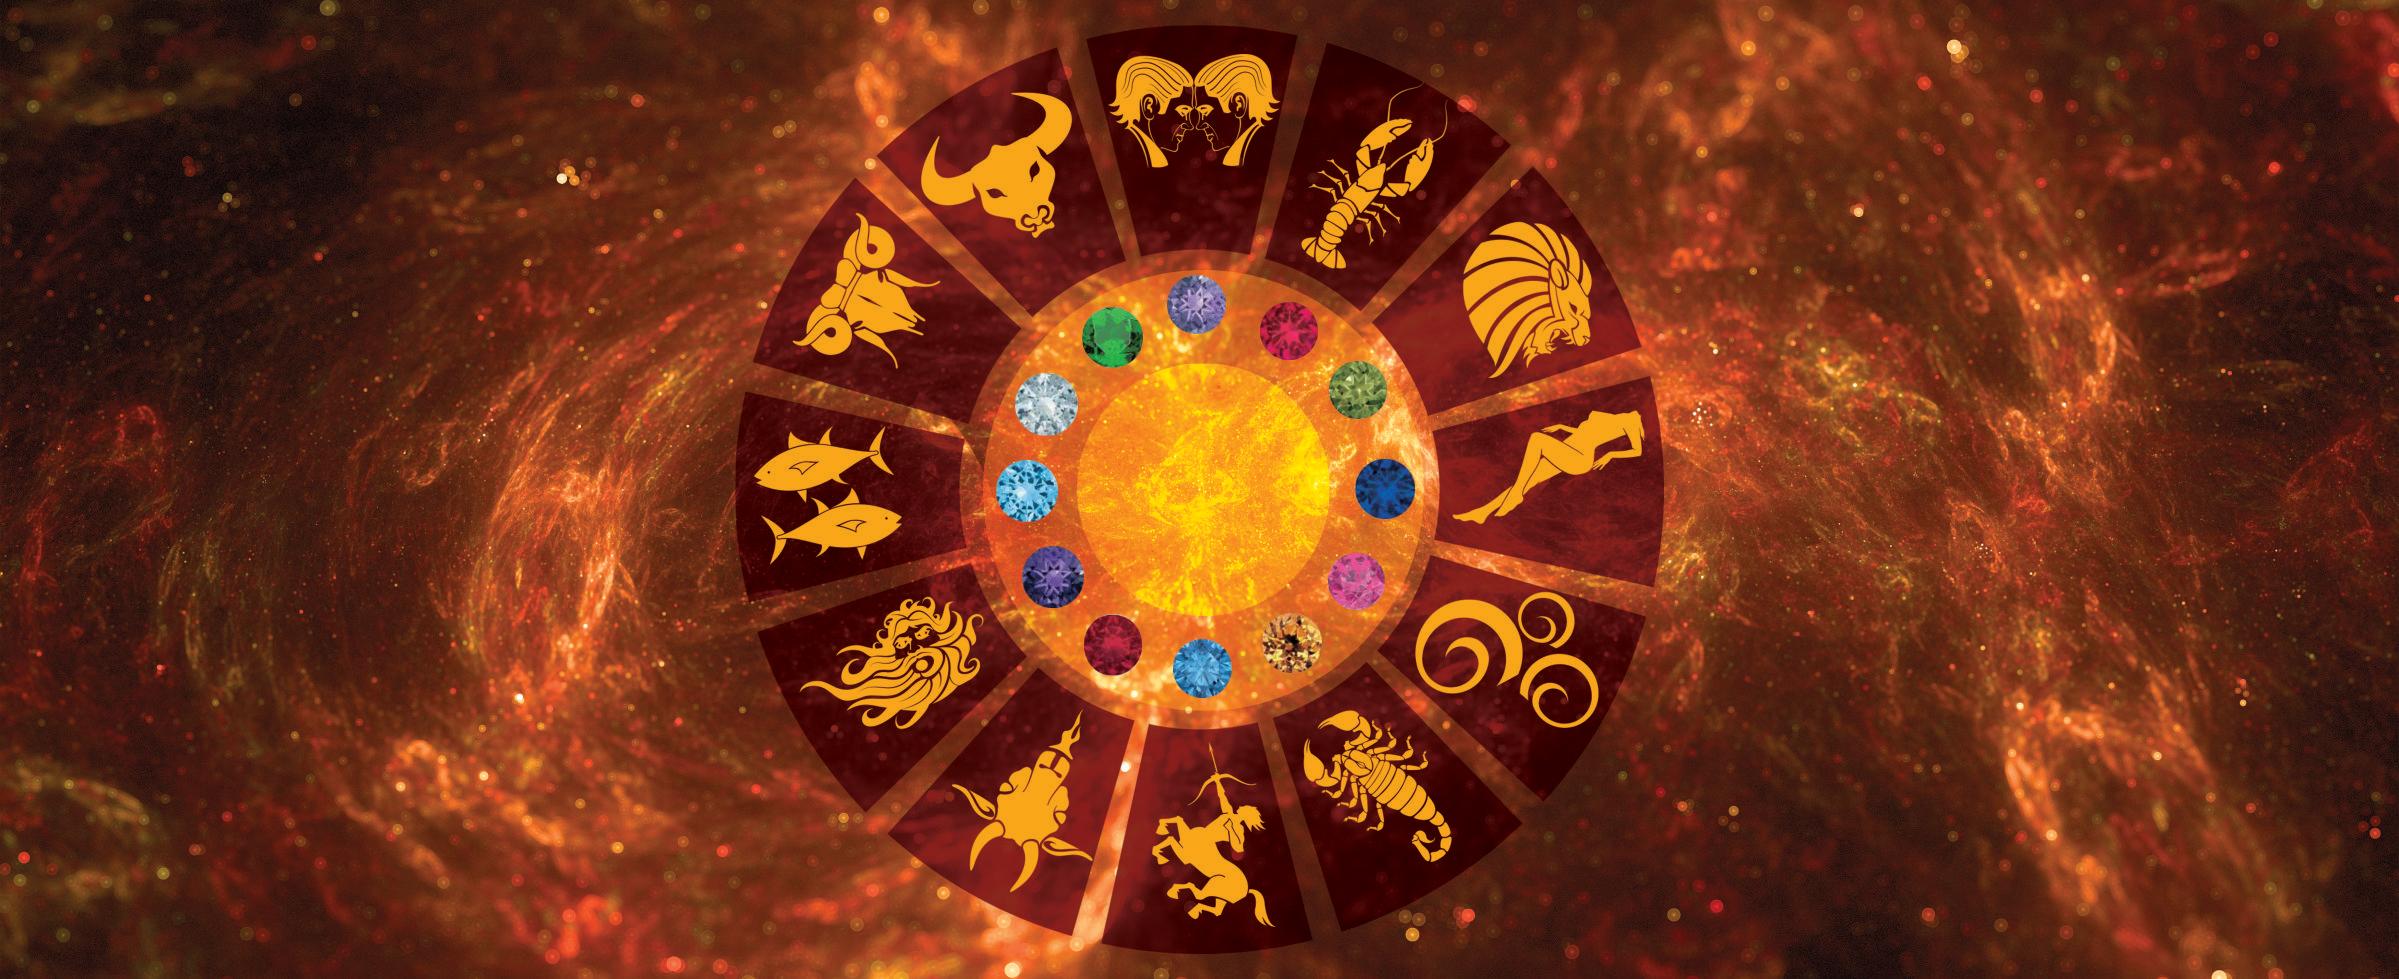 Disperare pentru o zodie! Astrolog: Zona financiara este foarte impactata